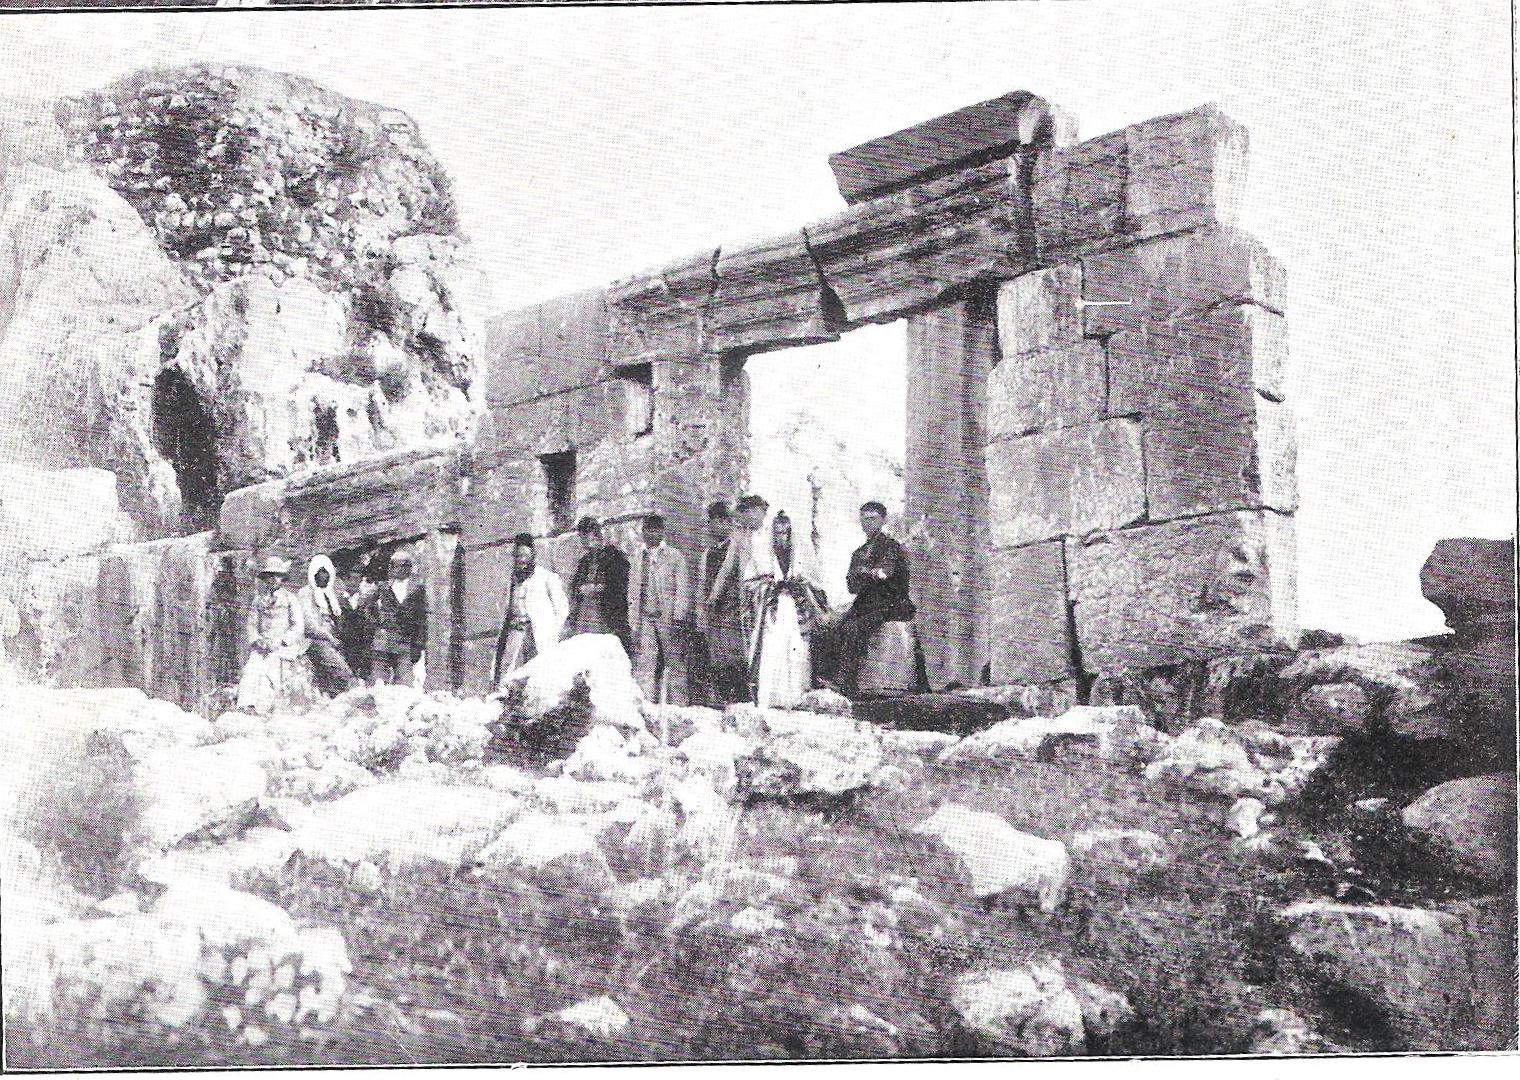 Pèlerins devant l'ancienne synagogue de Meron (מֵירוֹן). Photo 1880 L'architrave de la porte principale est brisée et repose en équilibre précaire, menaçant de s'effondrer. Il existe une tradition comme quoi l'effondrement de cette pierre coïncidera avec la venue du Messie.